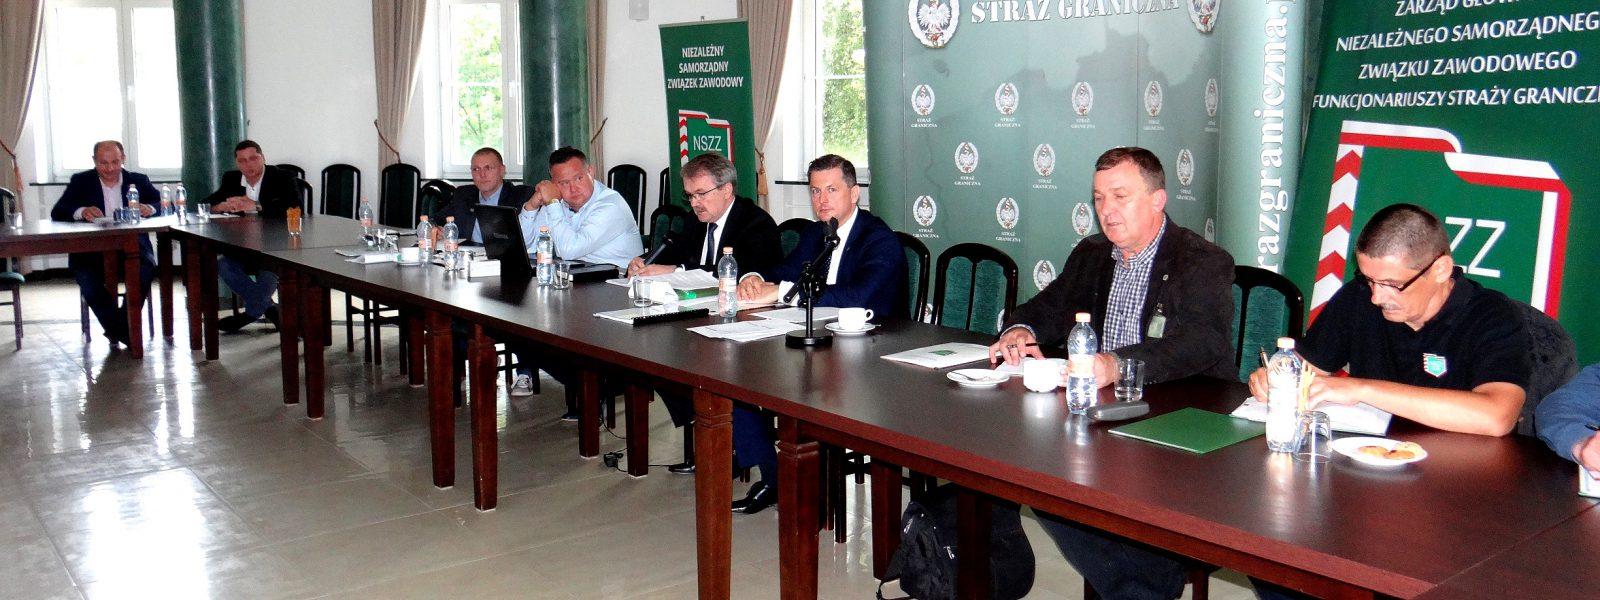 Posiedzenie ZG NSZZ FSG w Warszawie